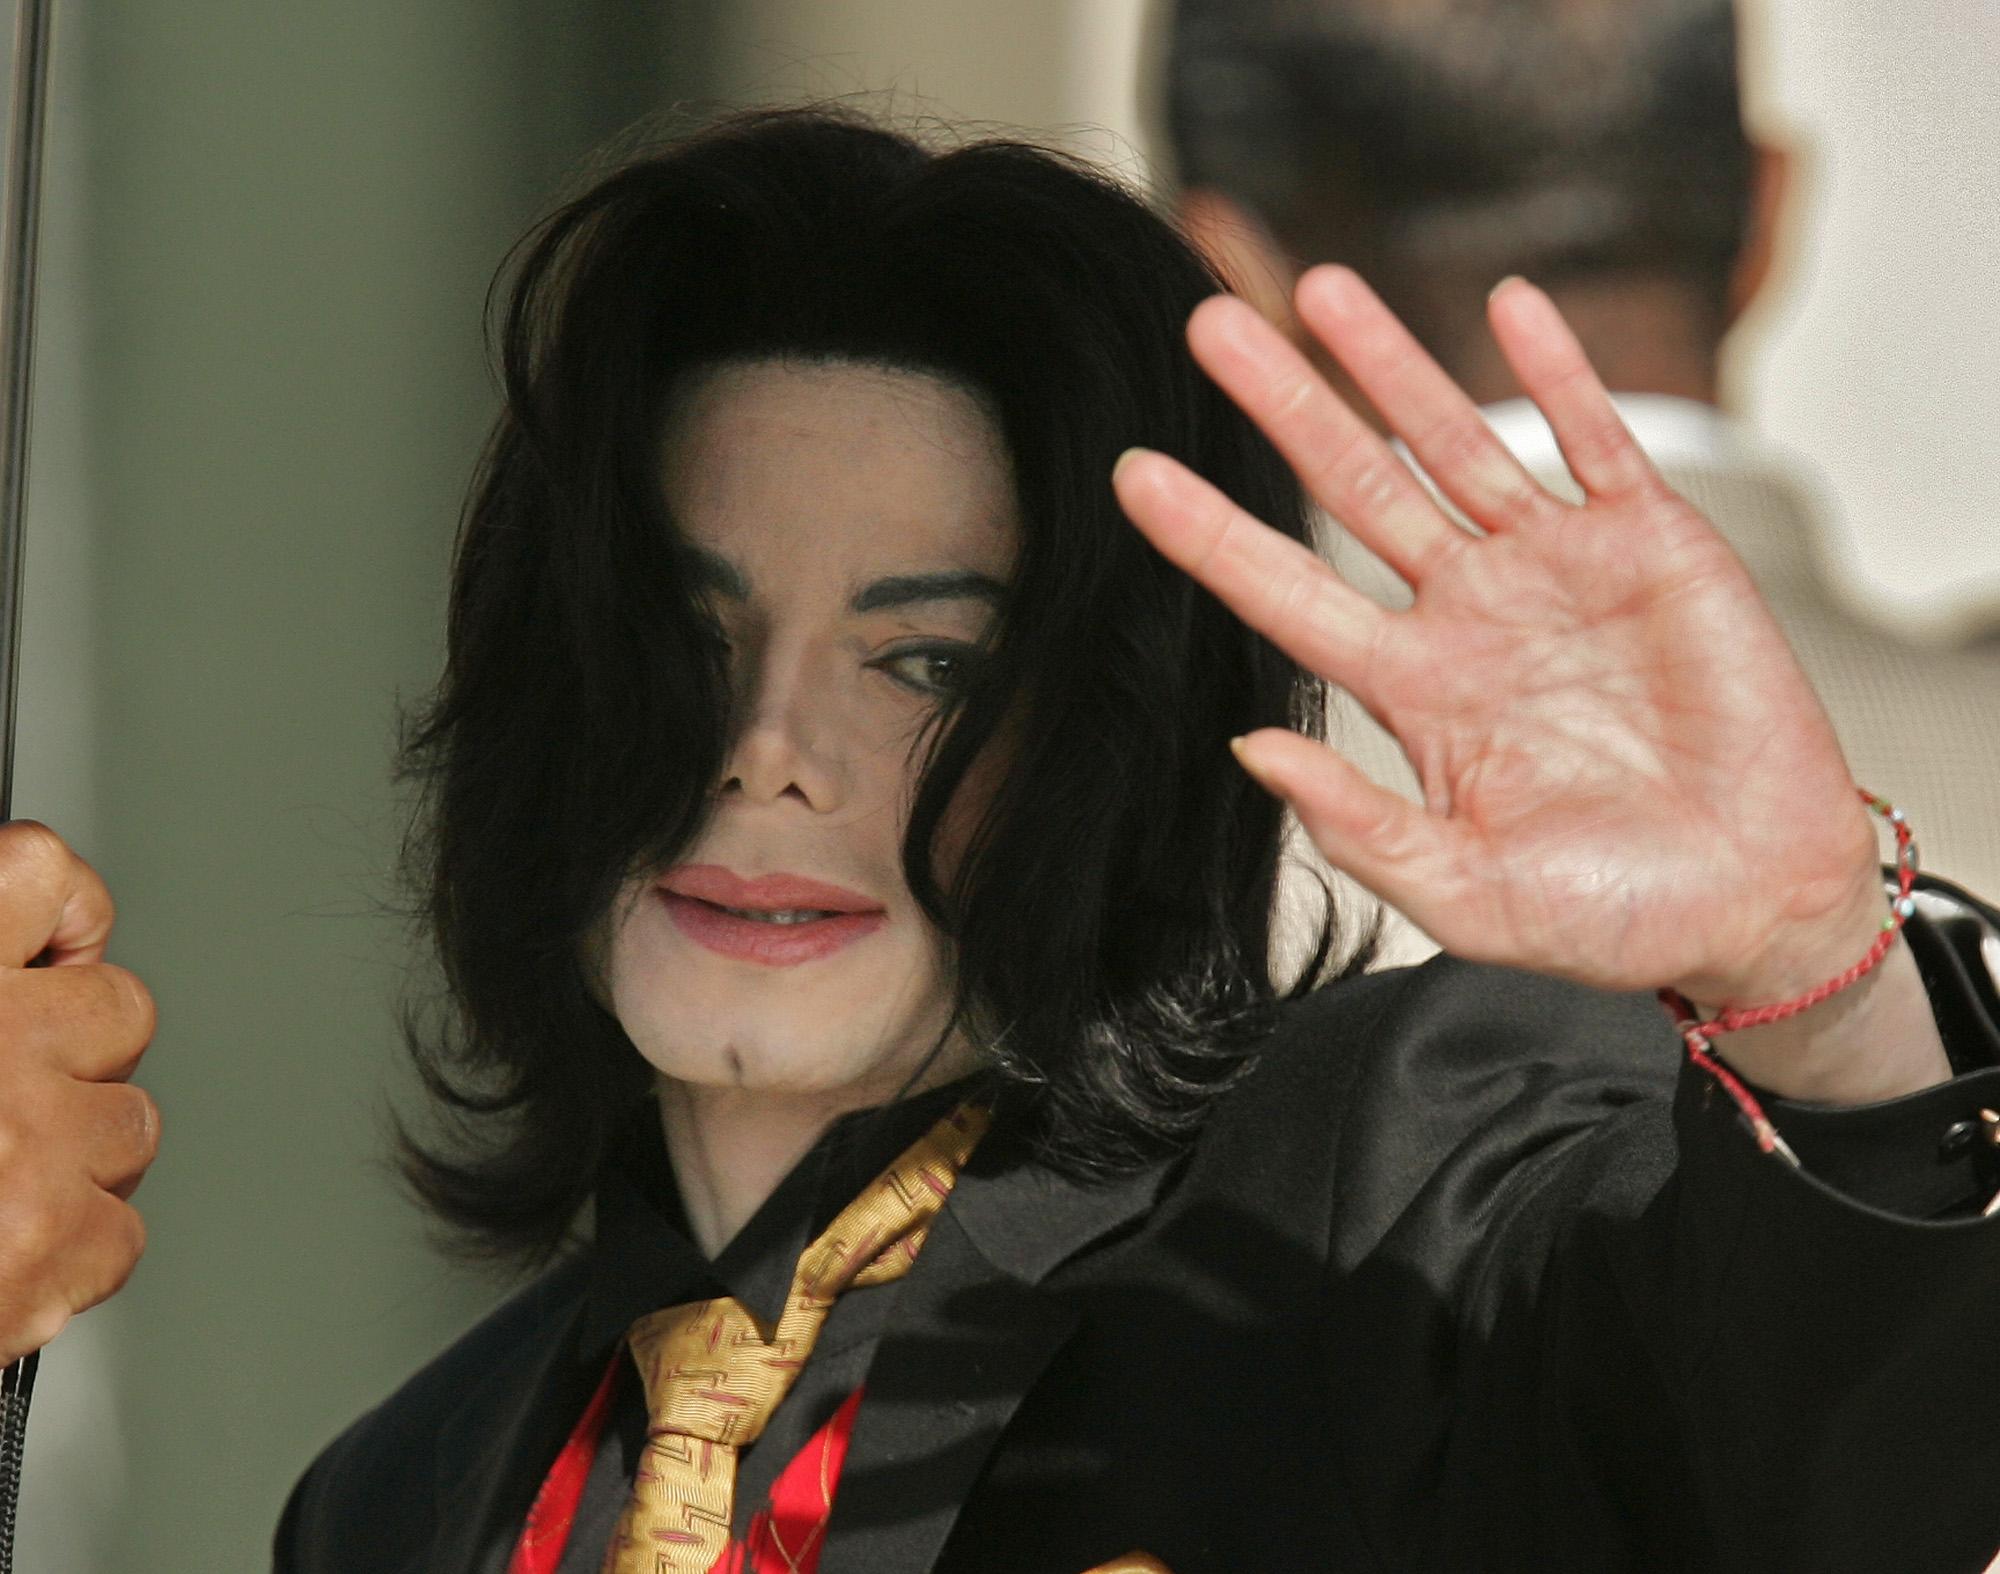 2005年5月23日,麥可傑克森於聖塔芭芭拉郡(Santa Barbara County)法院出庭,針對其被控性侵男童案件進行辯護程序。美聯社